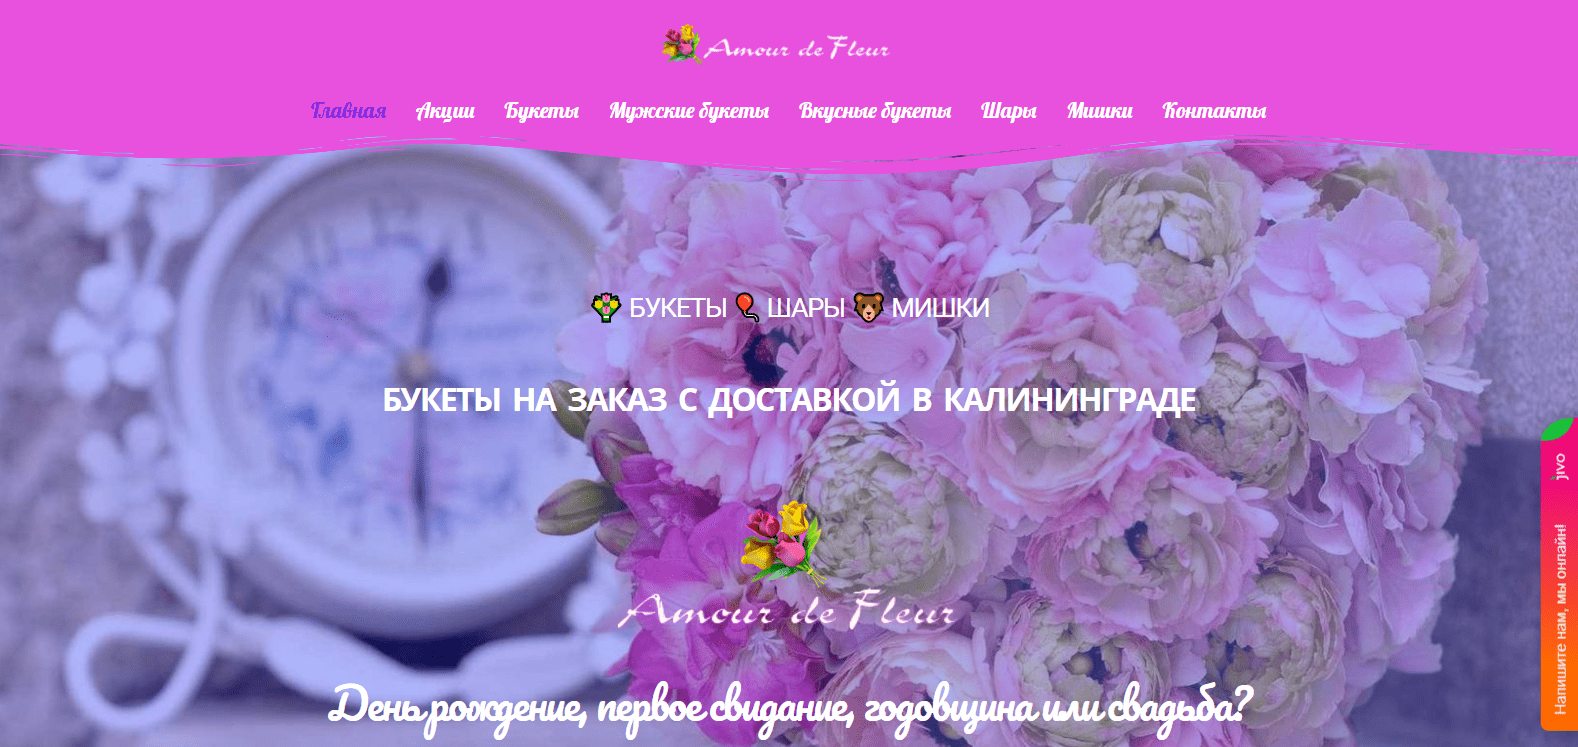 amour-de-fleur